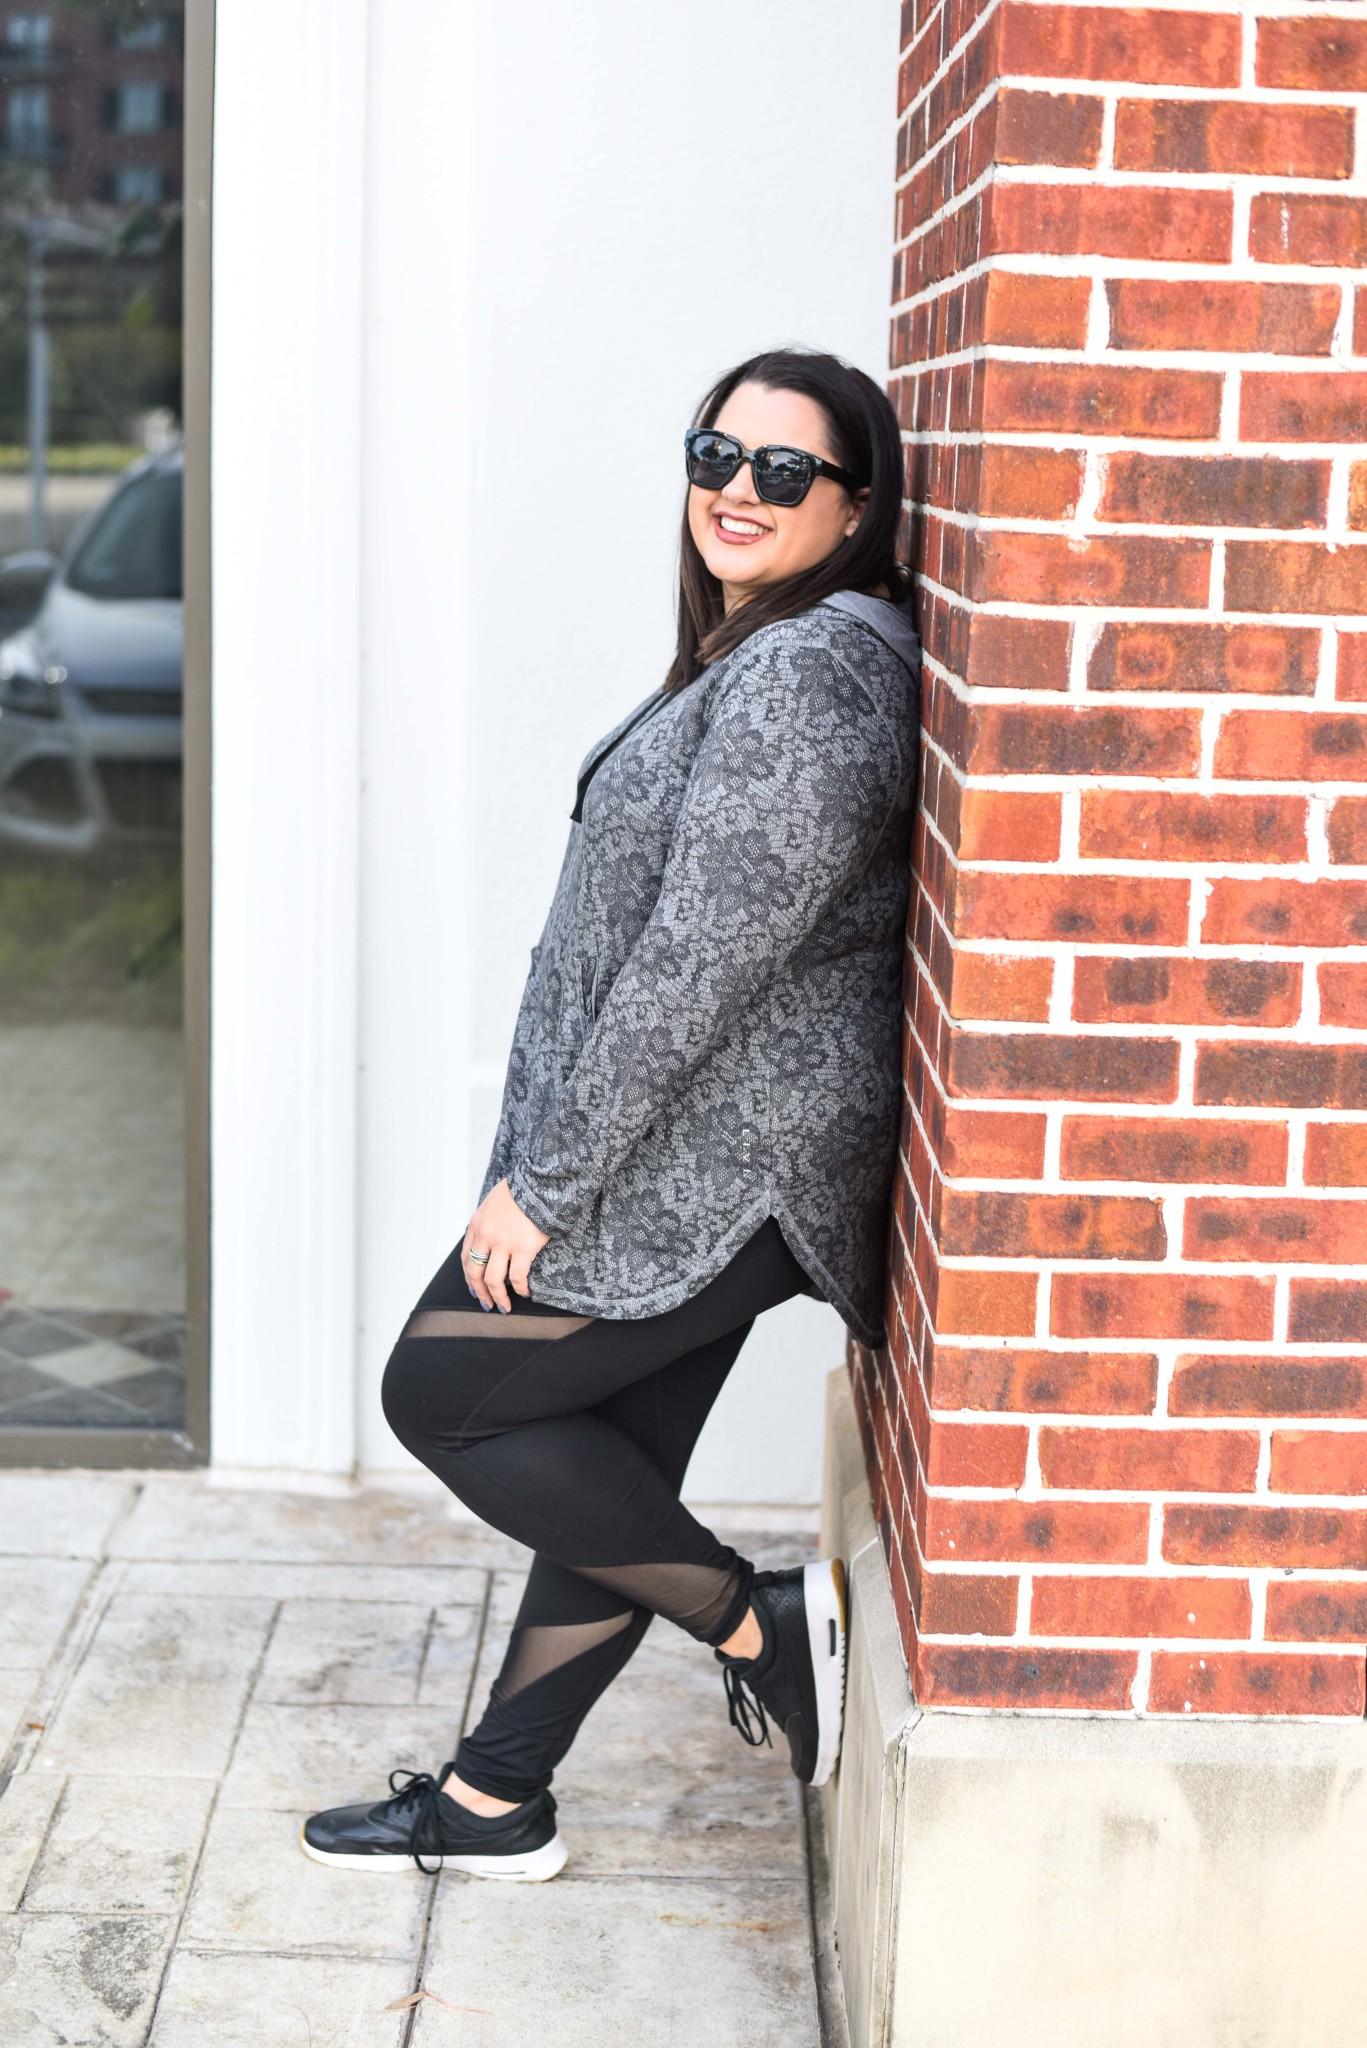 LIVI Activewear Hoodie on sale during Lane Bryant's Cyber Week Sale